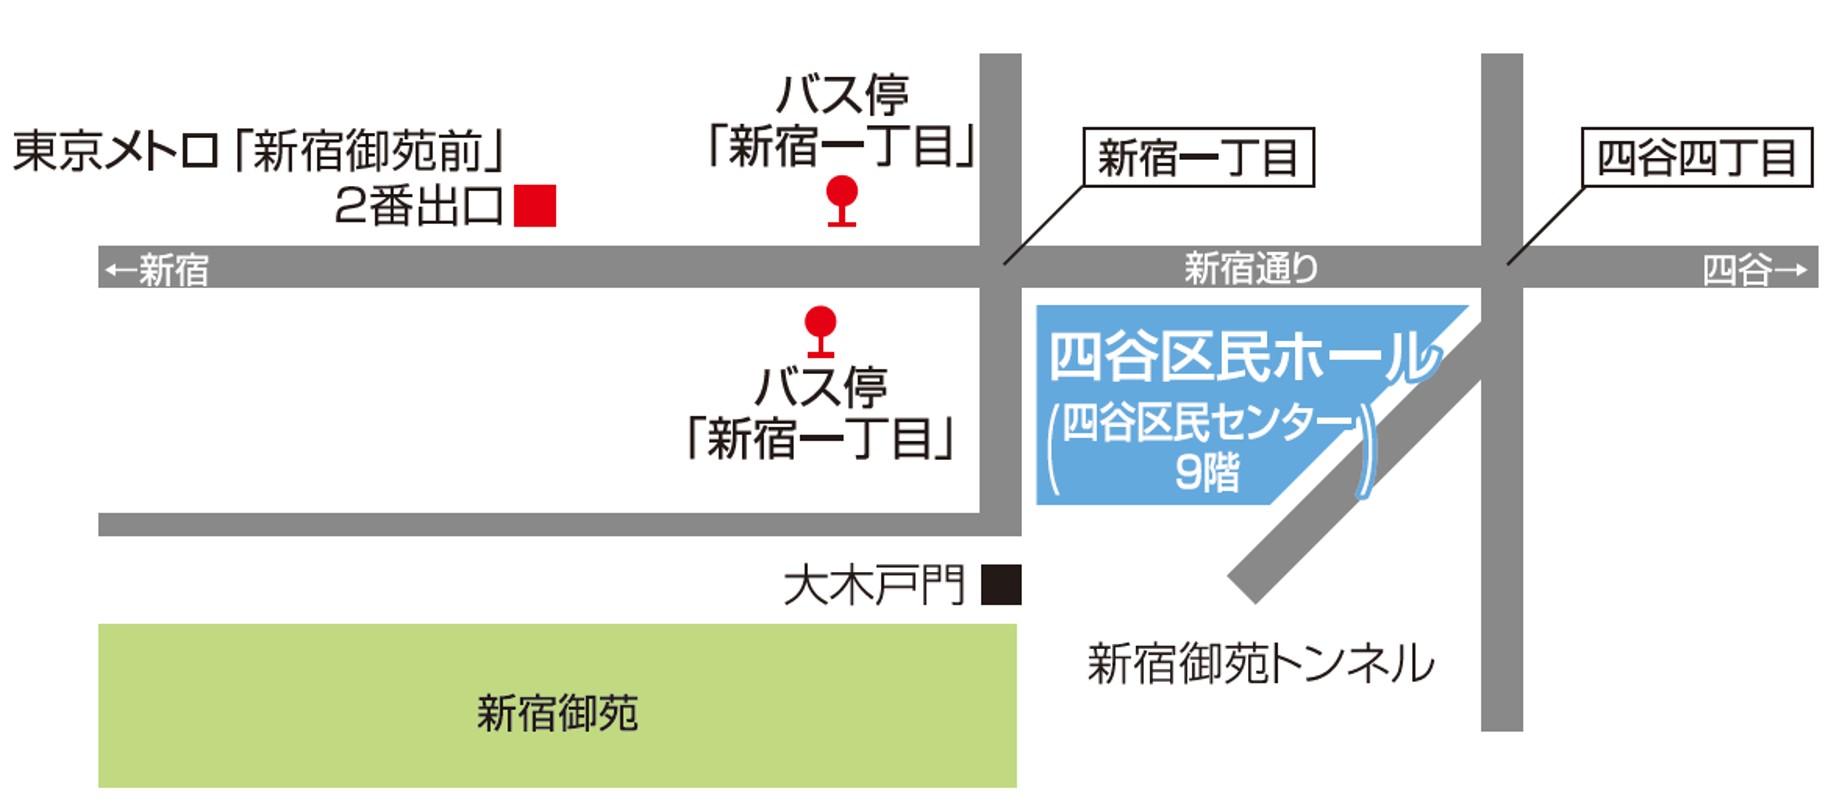 Yotsuya Map